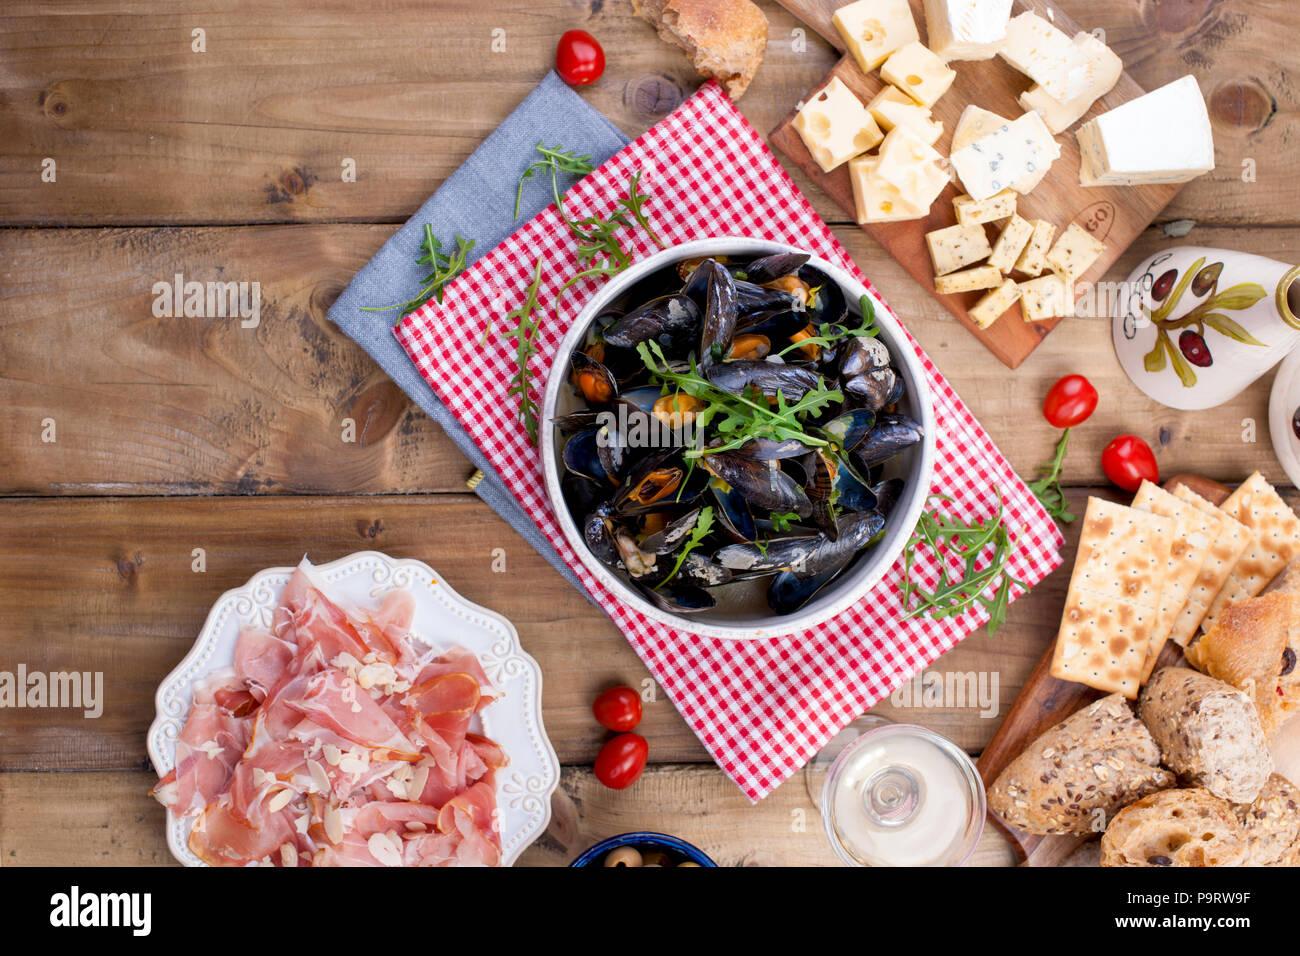 Muesli dans un bol en céramique blanc, sur une serviette rouge. Fromage sur une planche en bois et un verre de vin blanc, les olives, le pain. La viande sur une assiette. Sur un fond de bois. Espace libre pour la publicité ou texte Photo Stock